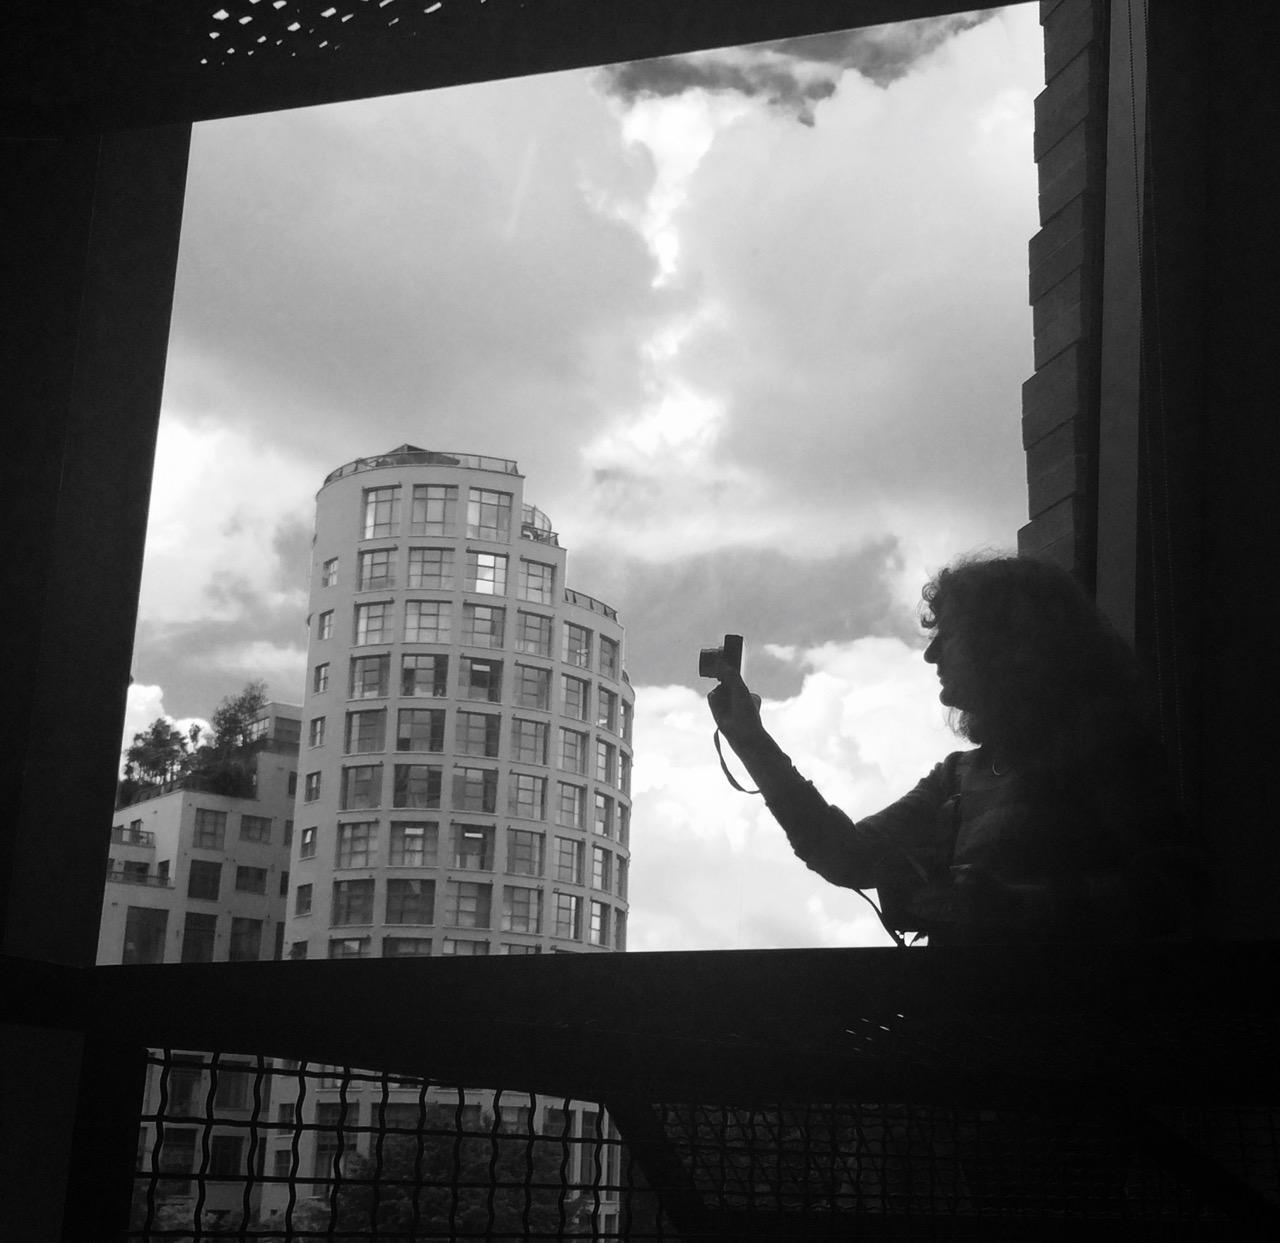 Visitatrice che fotografa alla finestra. Foto di Alessia Paionni